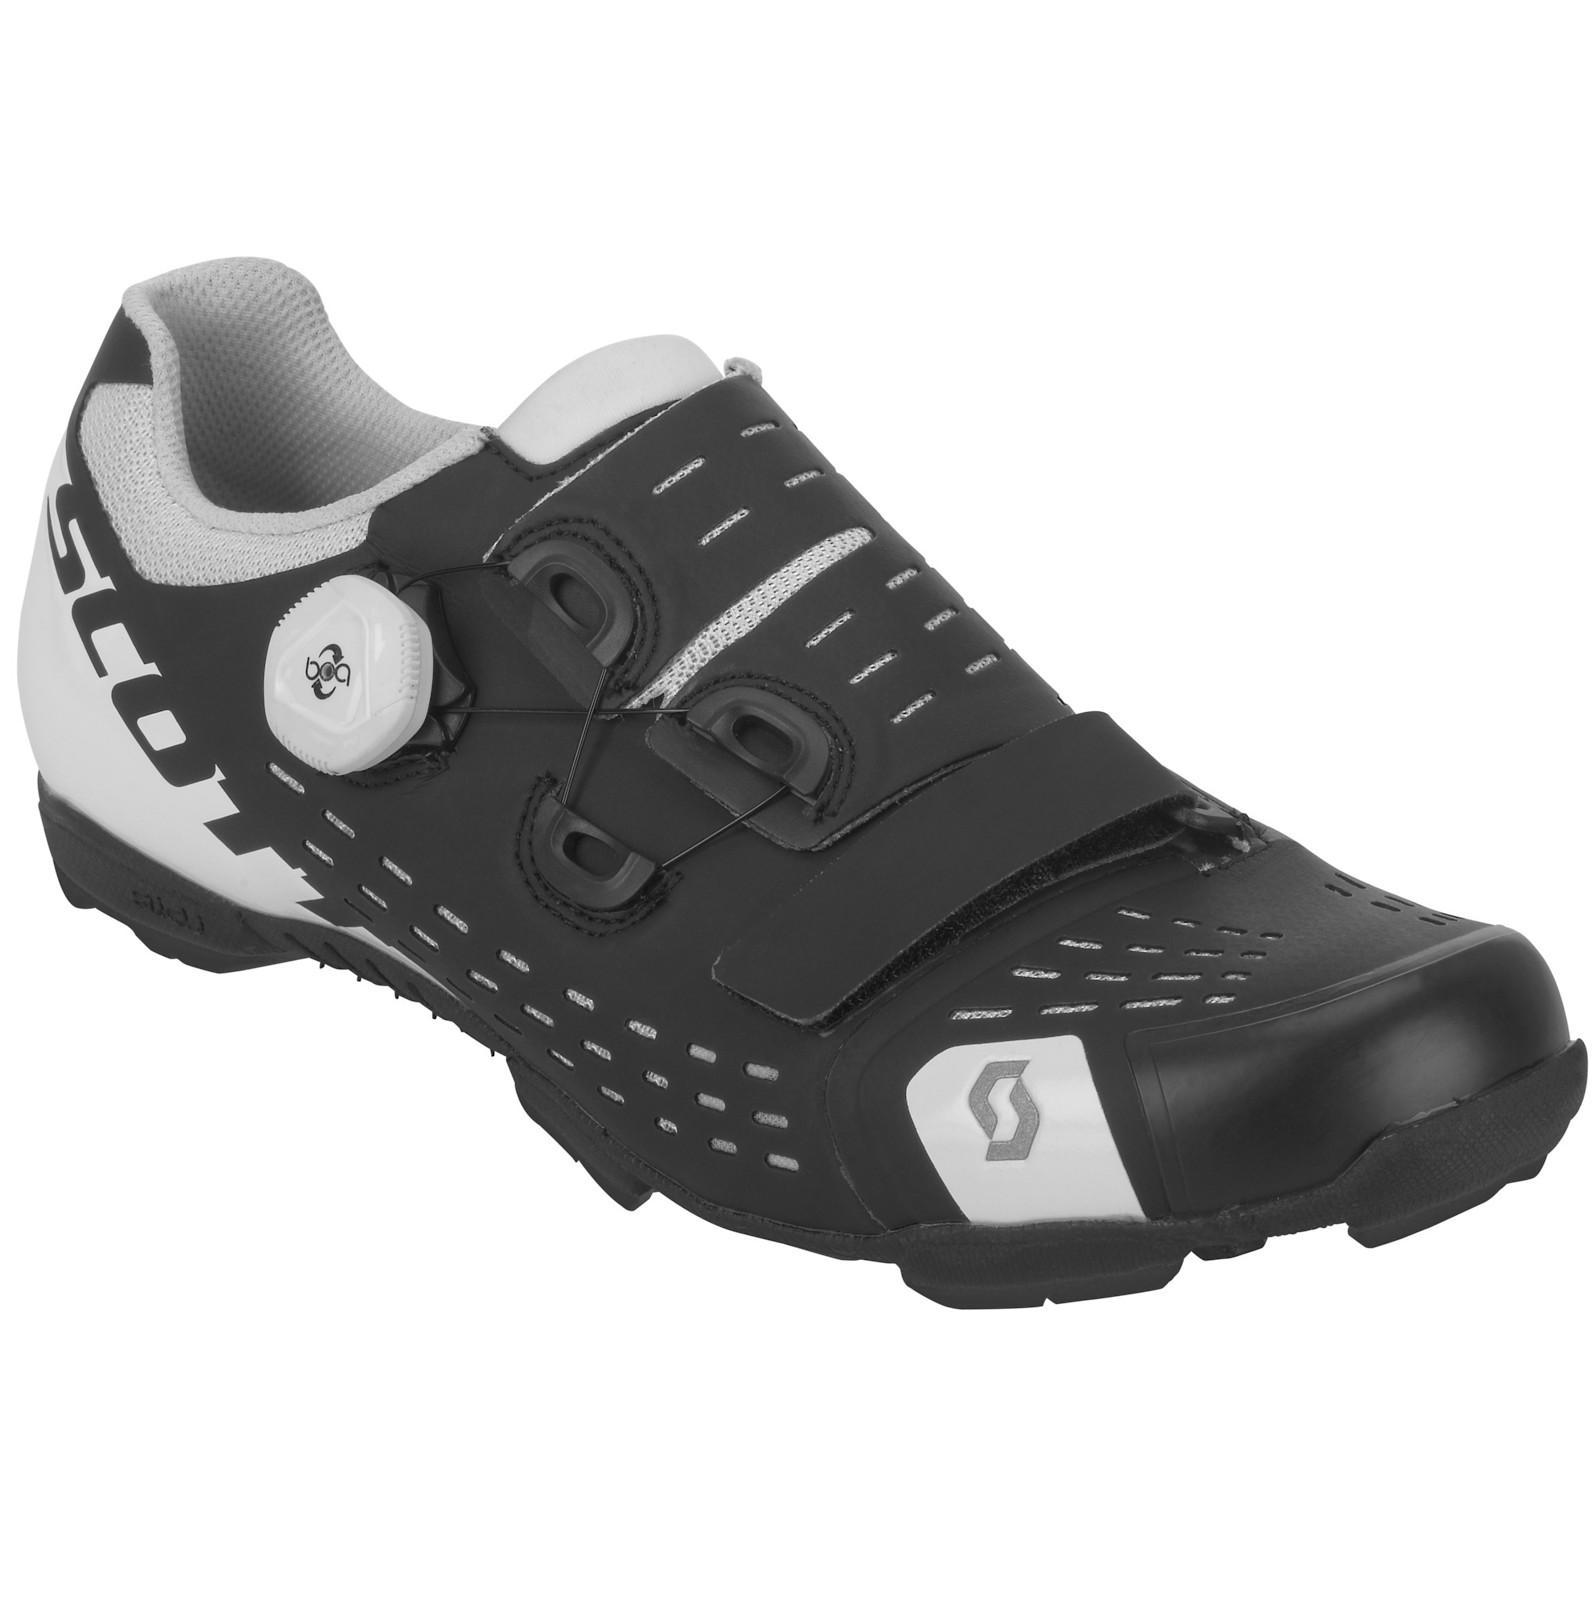 Scott Premium shoe in matte black/gloss white